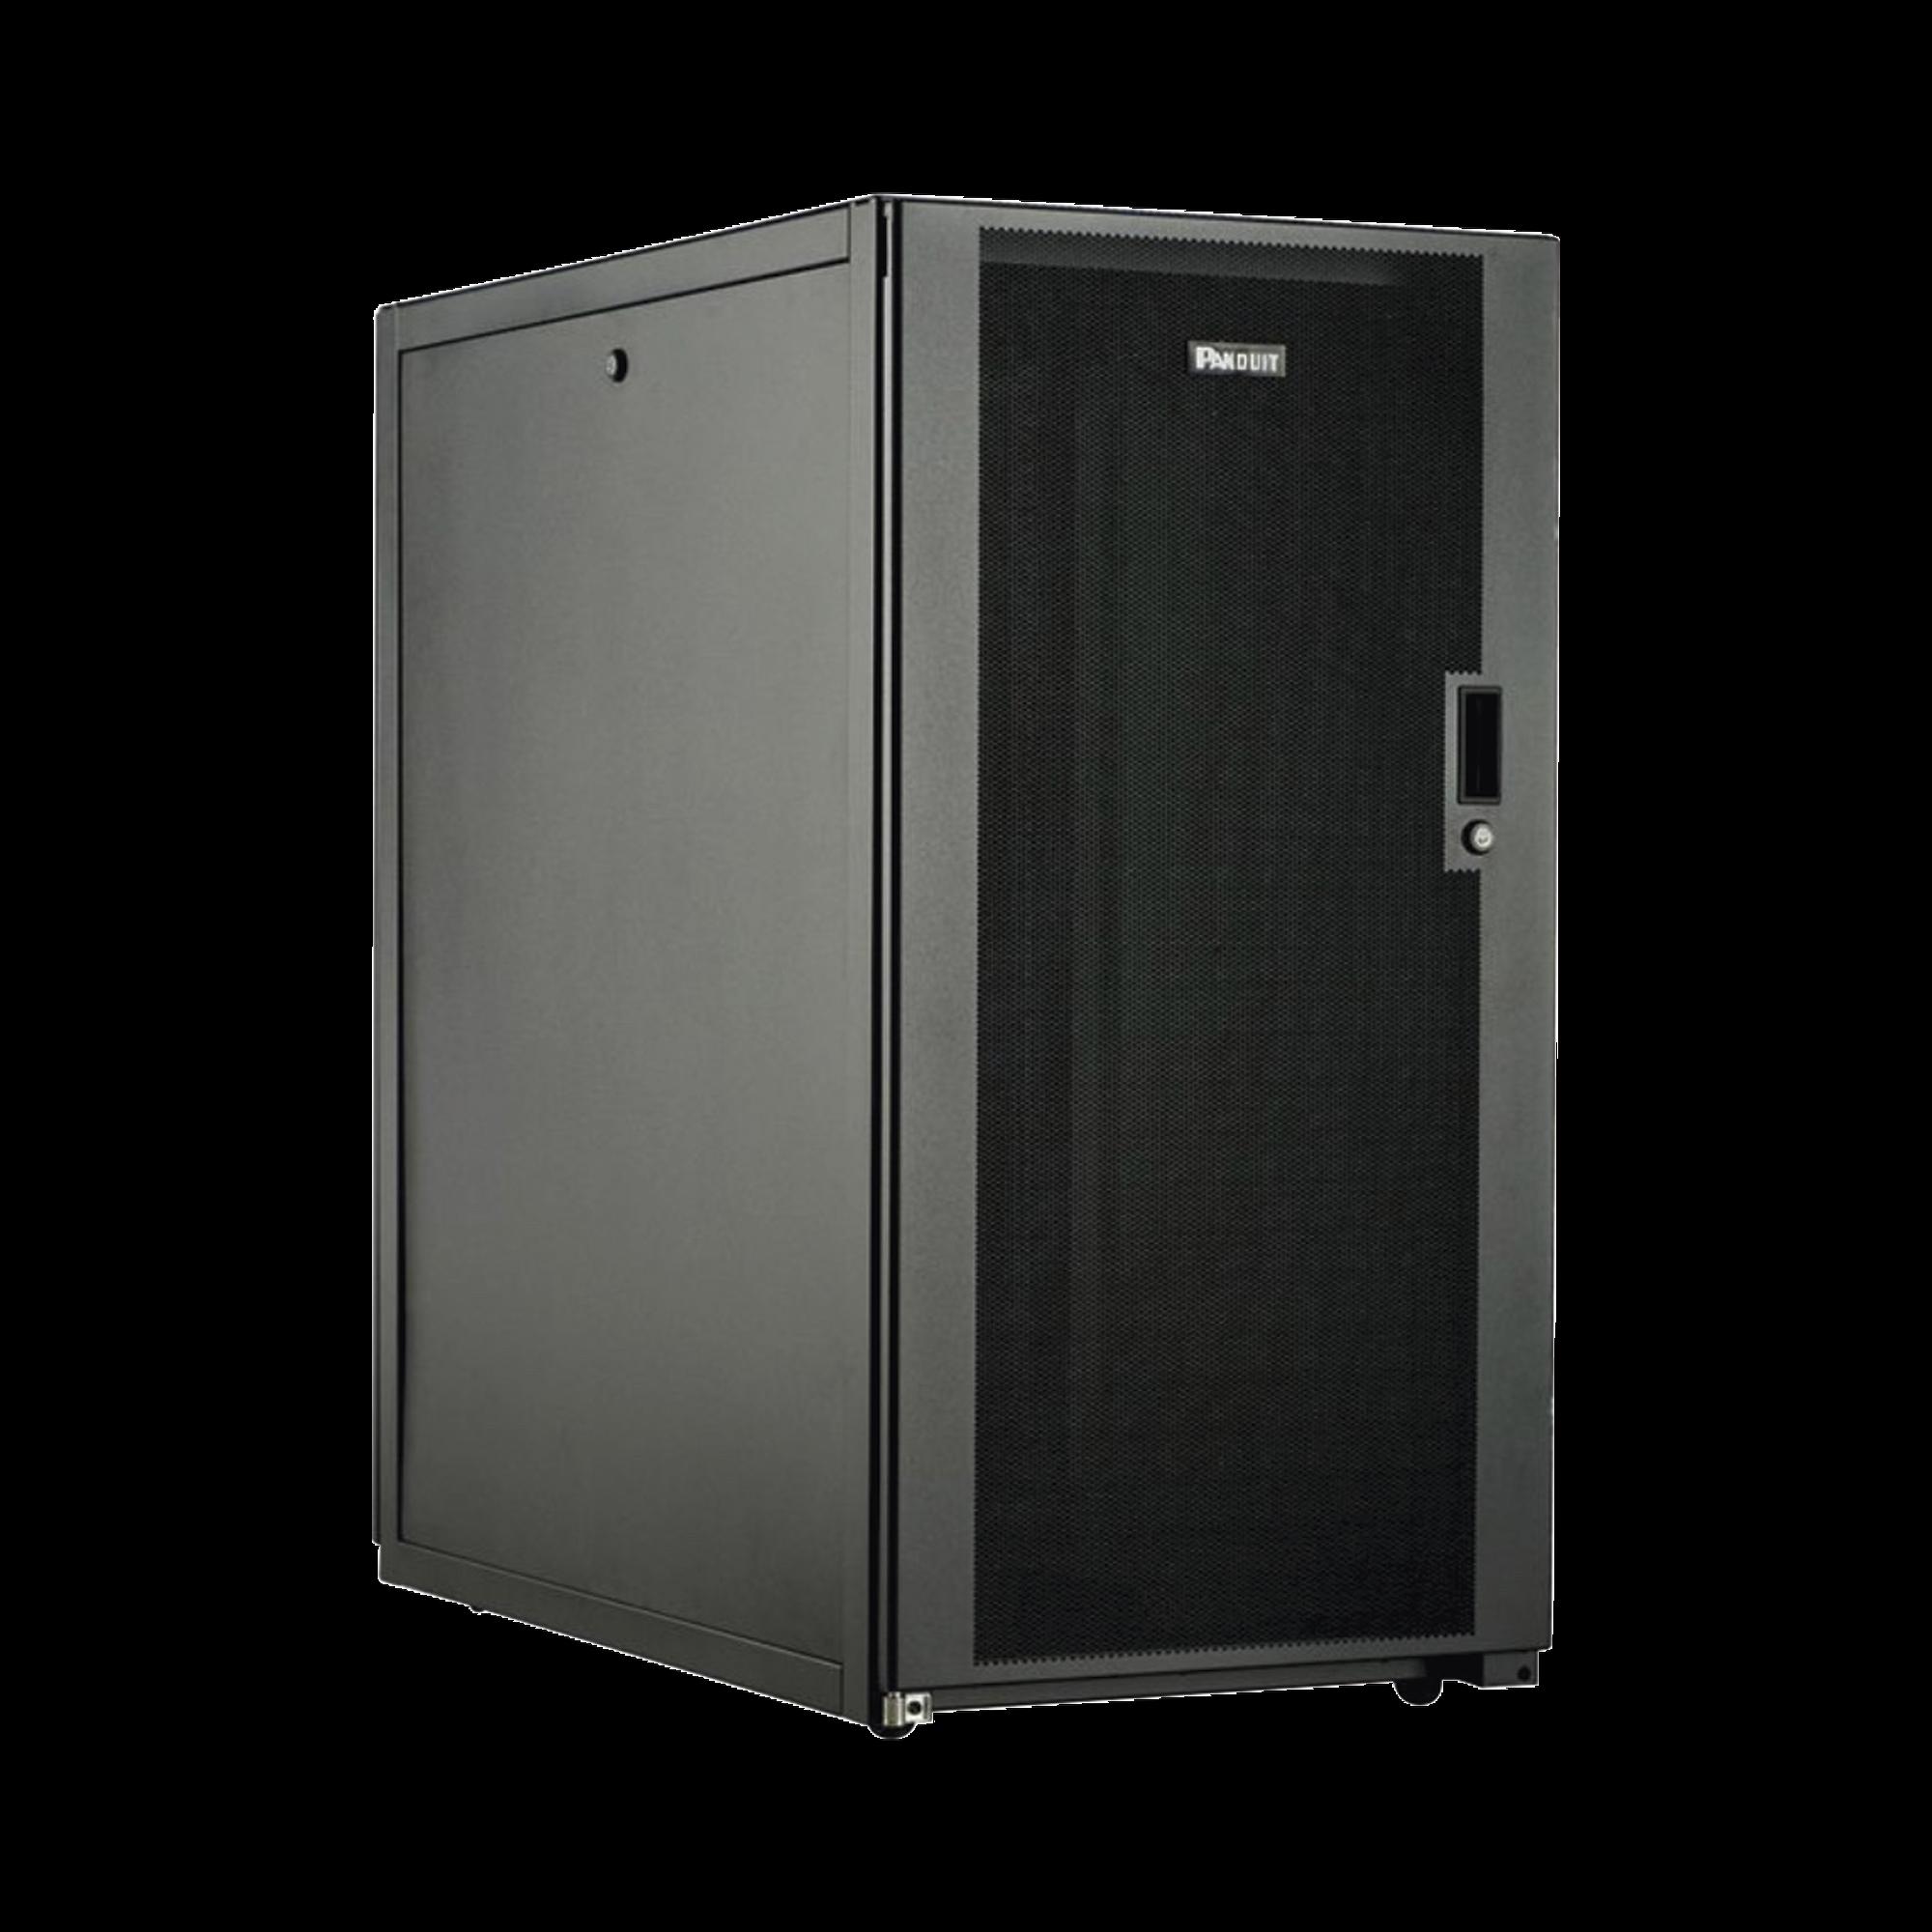 Gabinete Profesional de Telecomunicaciones, de Piso, 24 UR, 600 mm de Ancho y 1070 mm de Profundidad, Color Negro